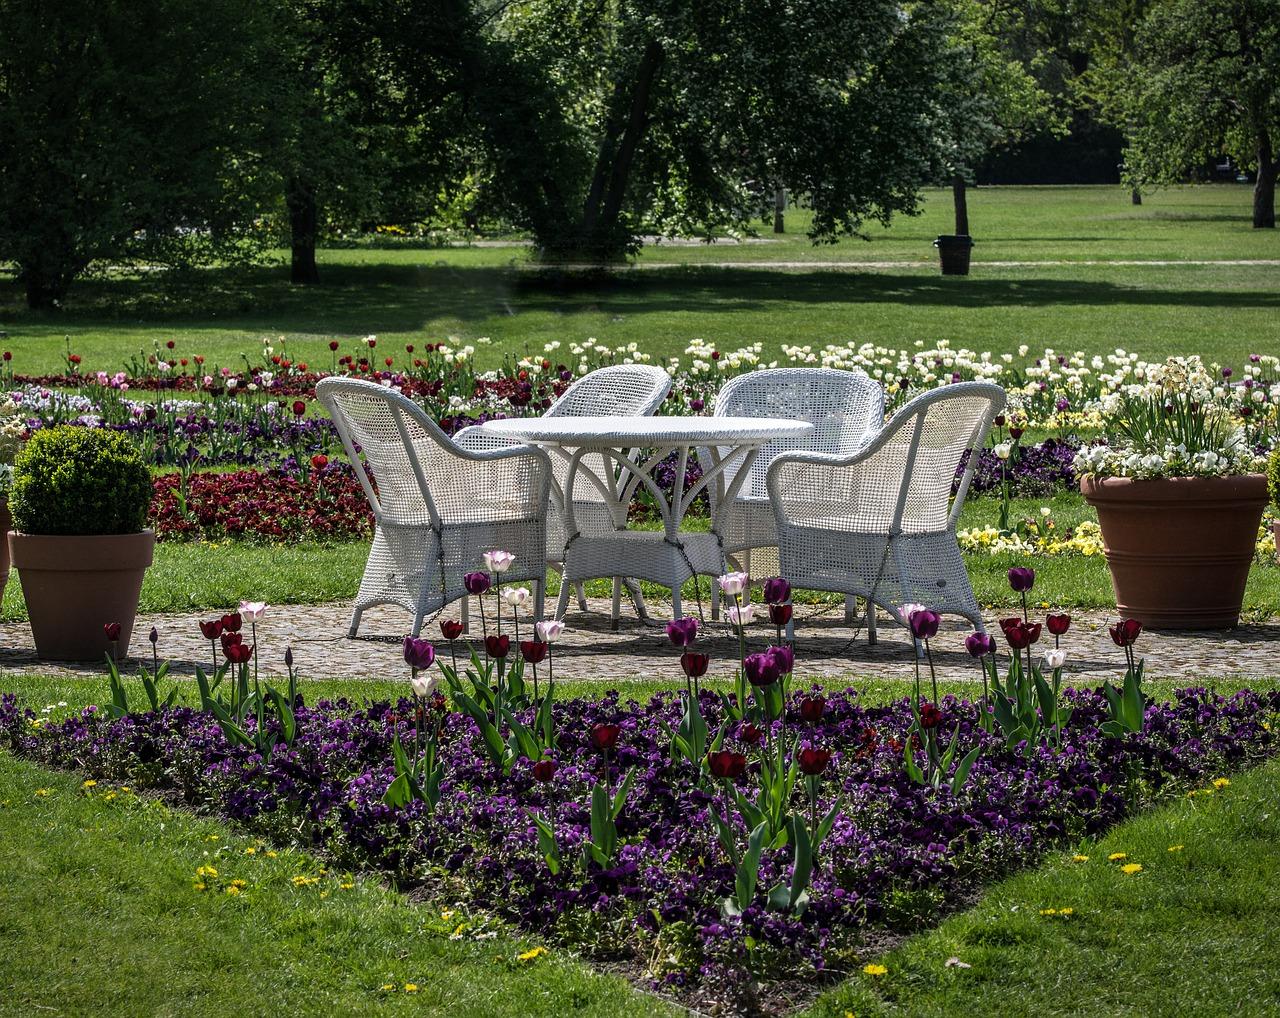 Funkcjonalne zestawy ogrodowe – popularne rozwiązania